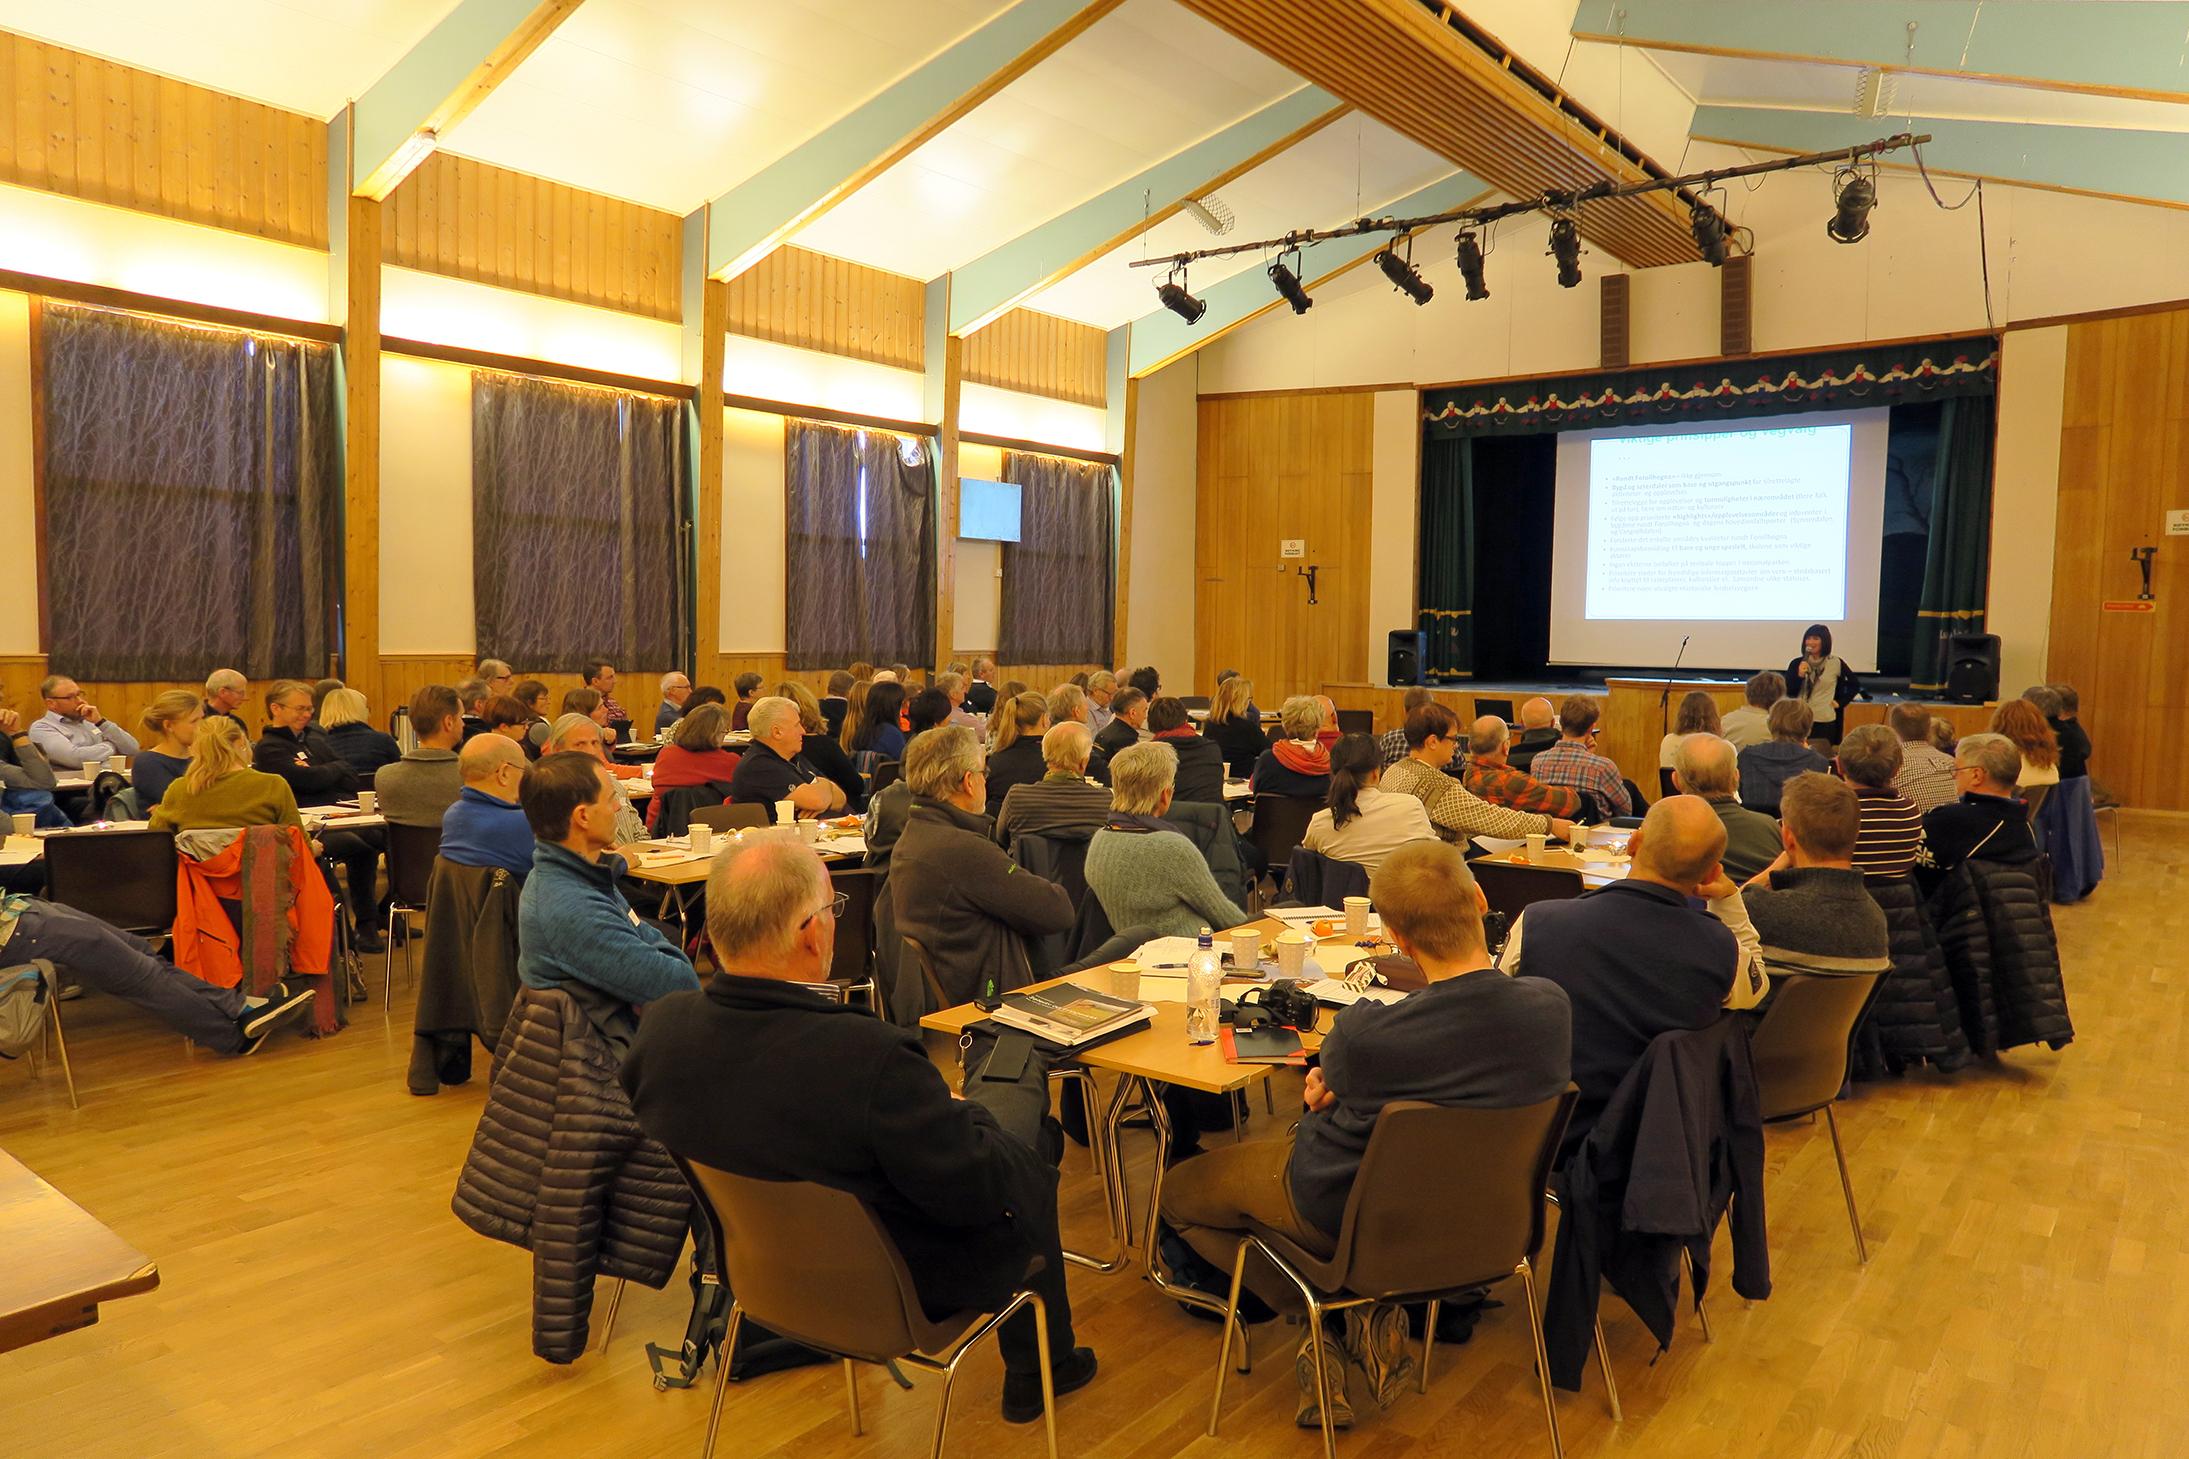 Forollhogna-konferansen ble i år arrangert for 3. gang, nå i Dalsbygda samfunnshus. 90 personer deltok. Arrangør i år var nasjonalparkstyret i samarbeid med Os kommune, Hedmark fylkeskommune og Sør-Trøndelag fylkeskommune. Foto: Arne Nyaas